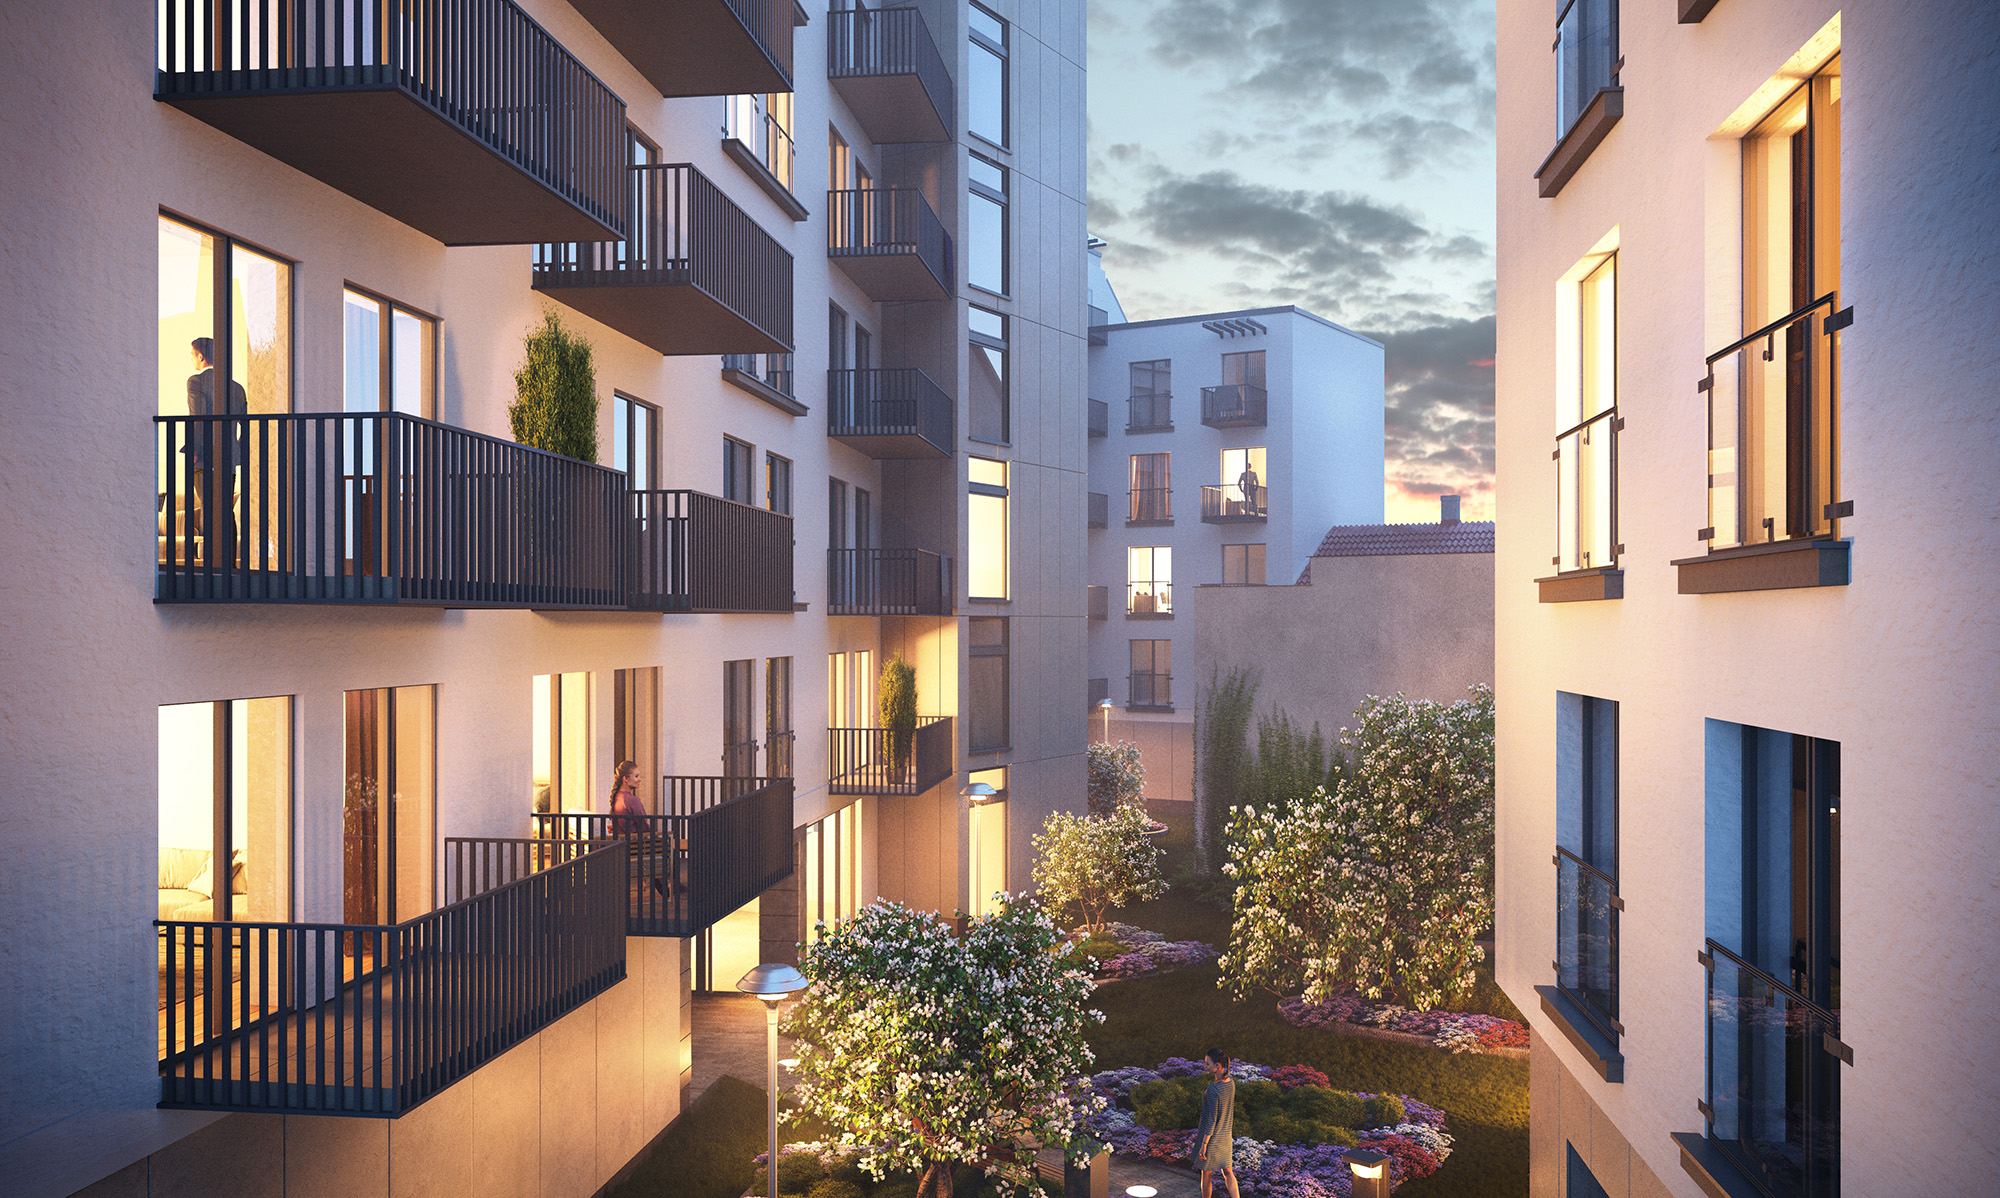 Wizualizacja Lwowska 10 Residence